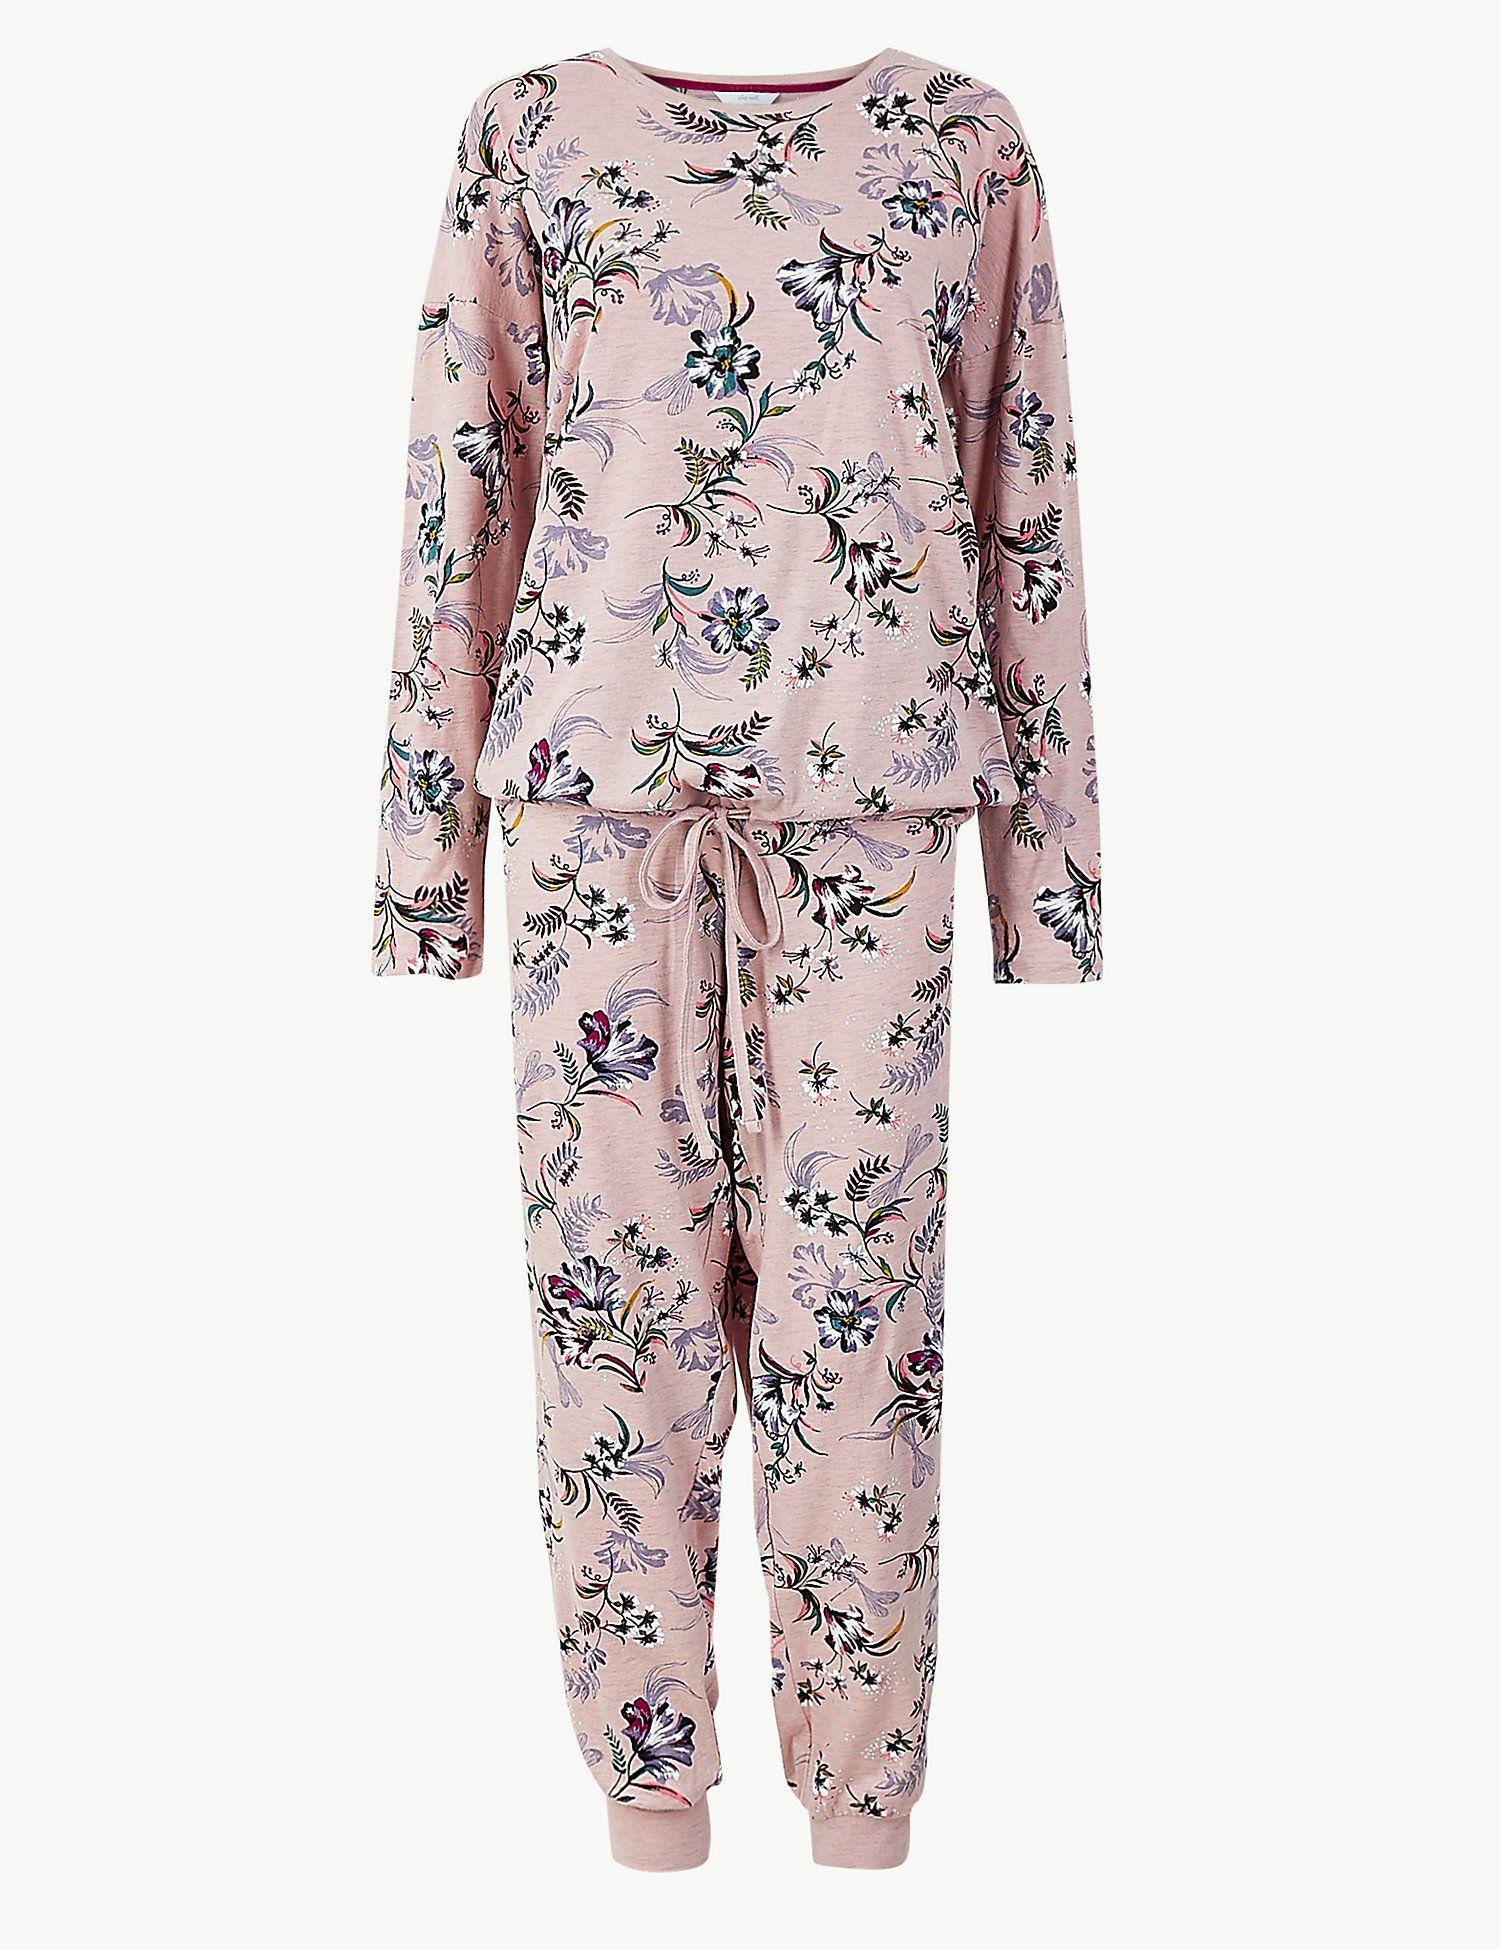 Women/'s Pyjama Red Pj/'s Ladies Nighwear Marks  Spencer Pajamas Loungewear 8-26